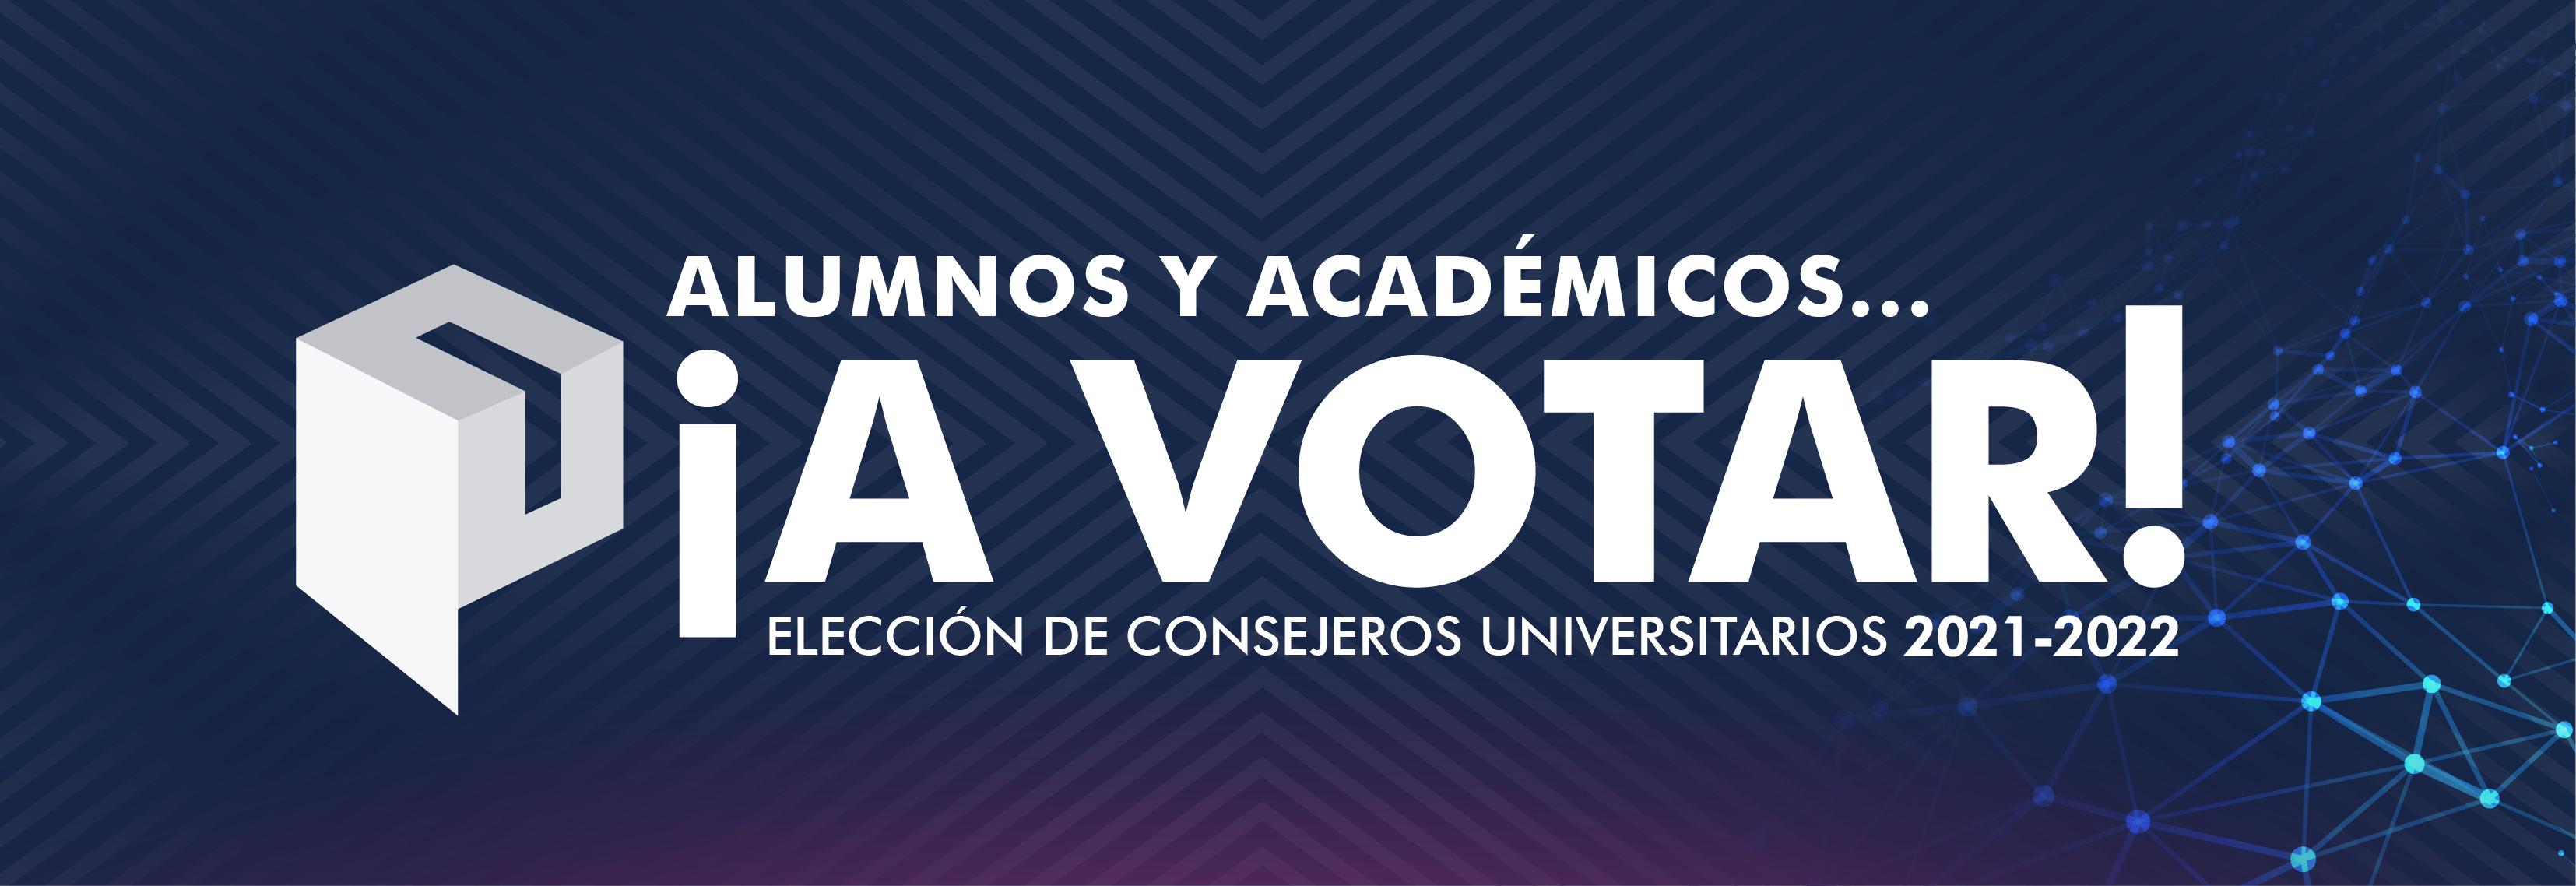 Elección de consejeros universitarios 2021 - 2022